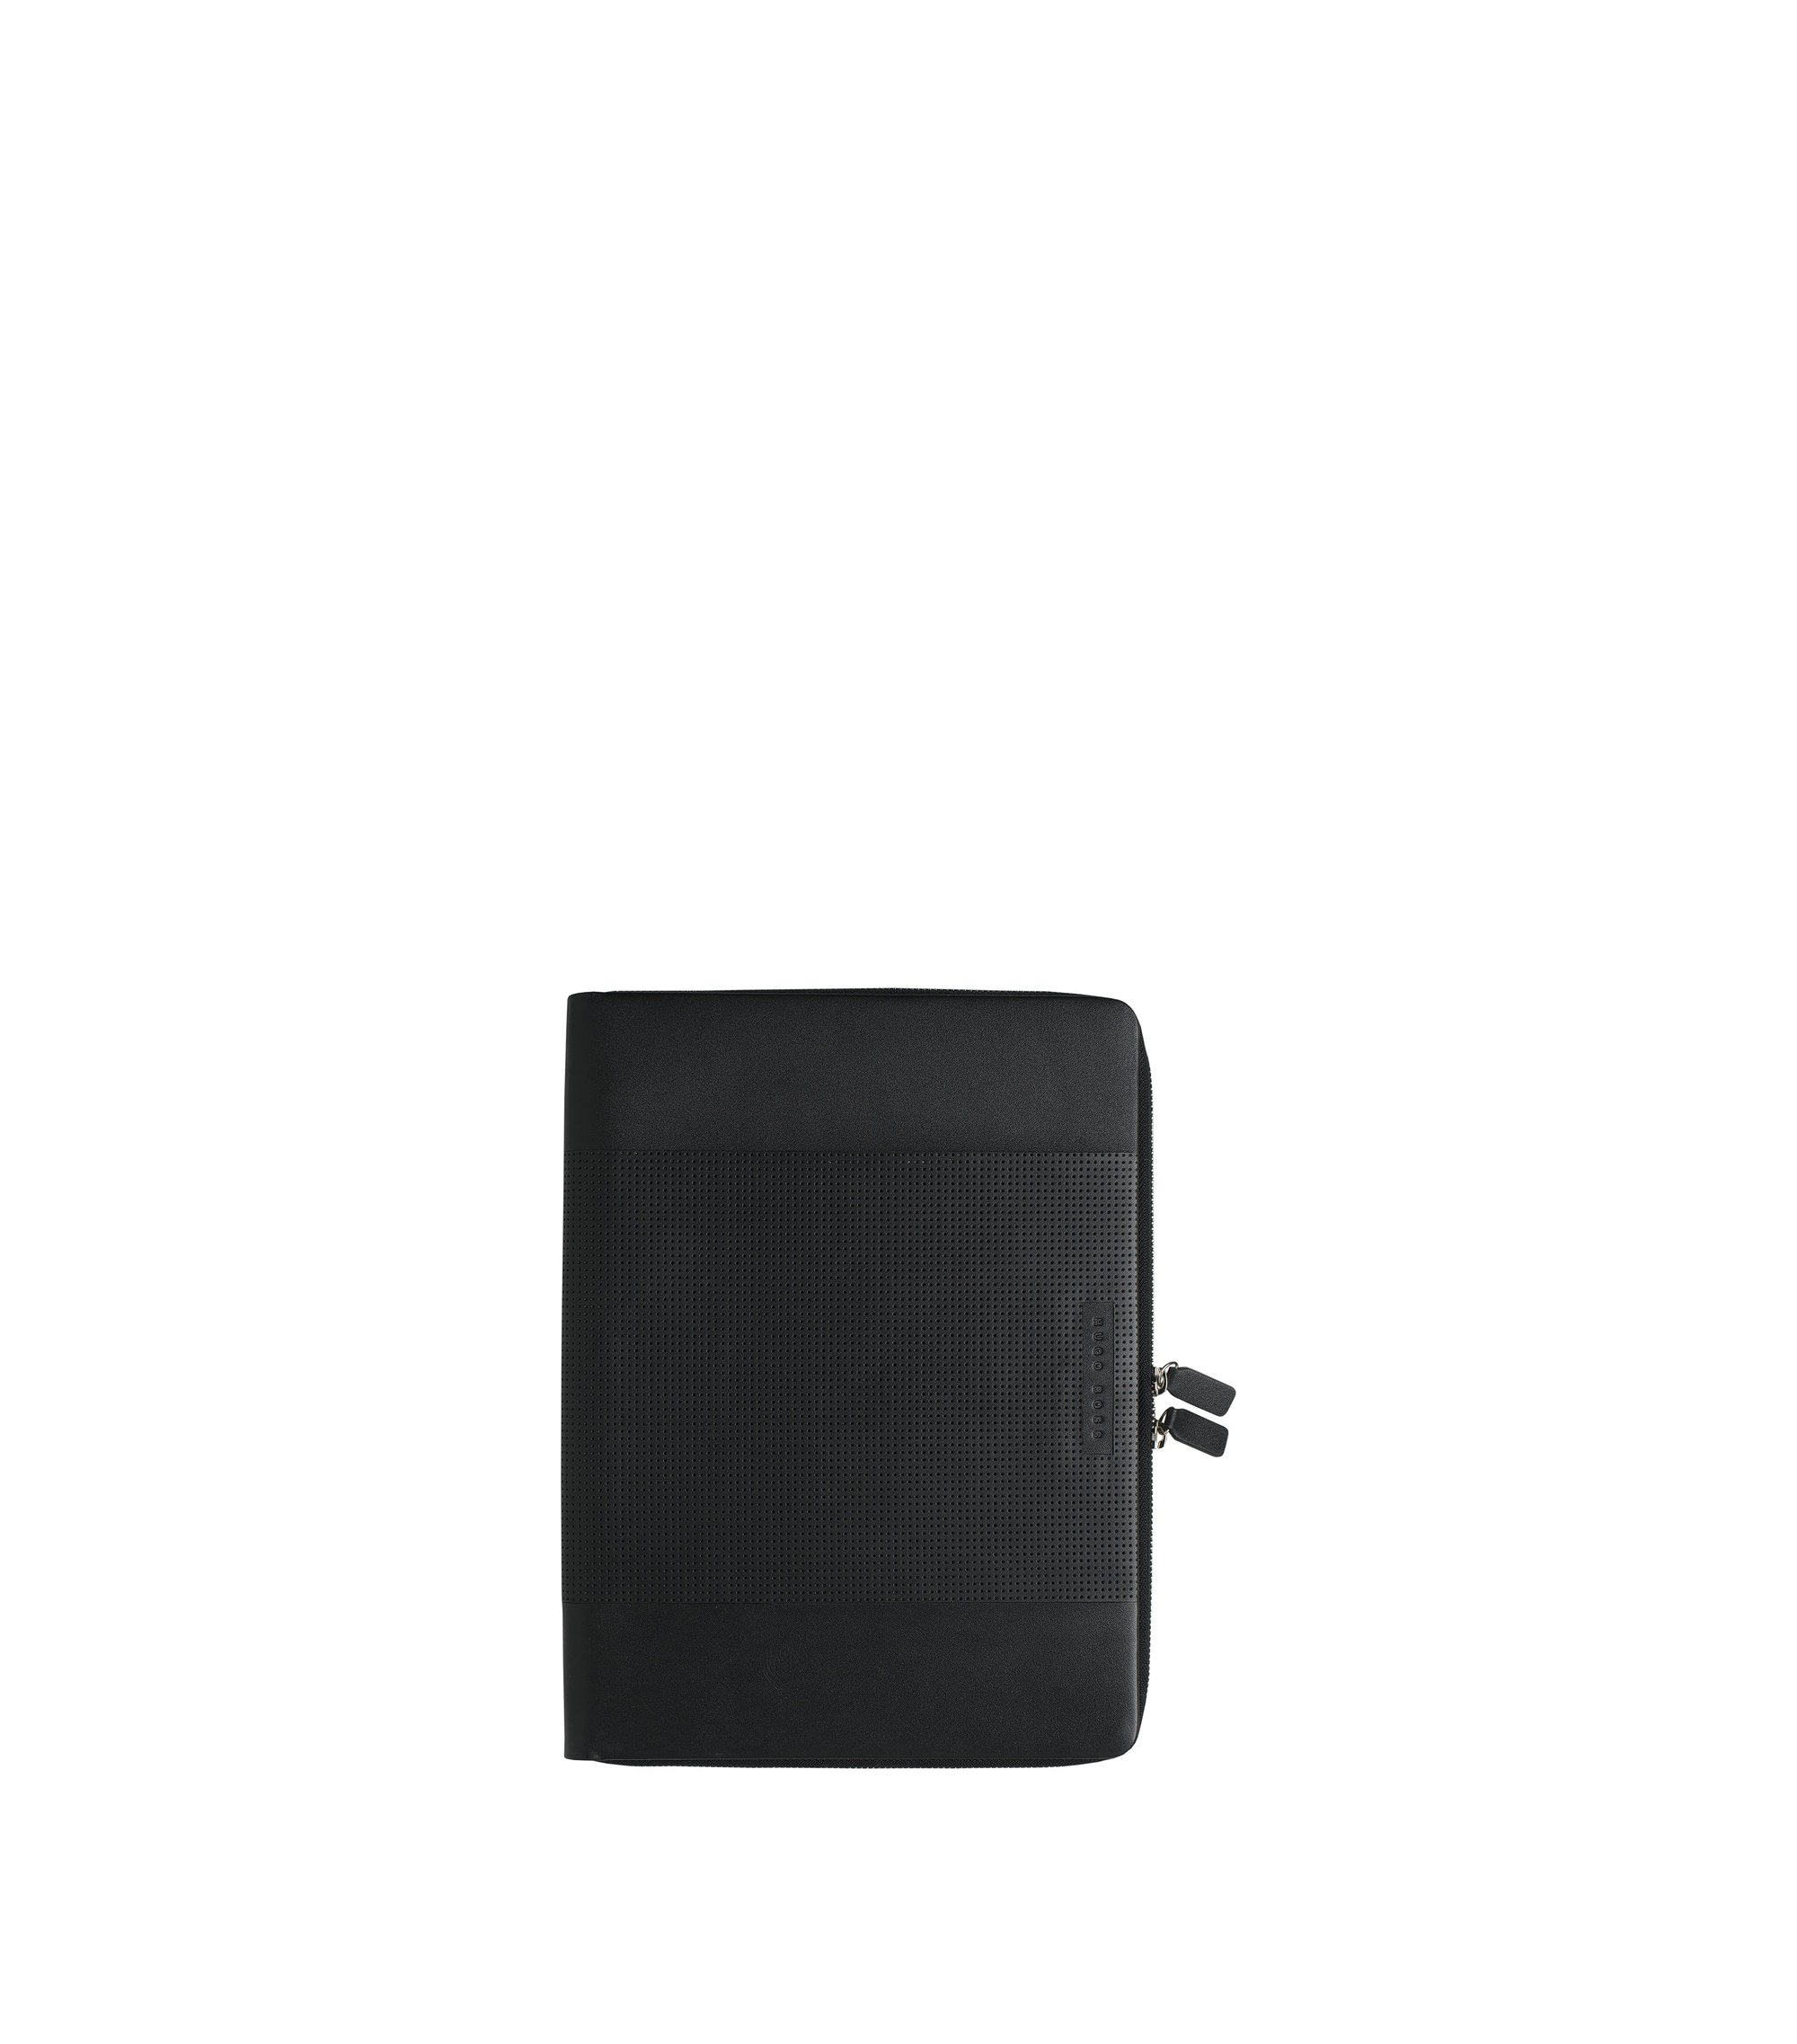 Carpeta A4 con cremallera completa en piel negra con textura, Negro